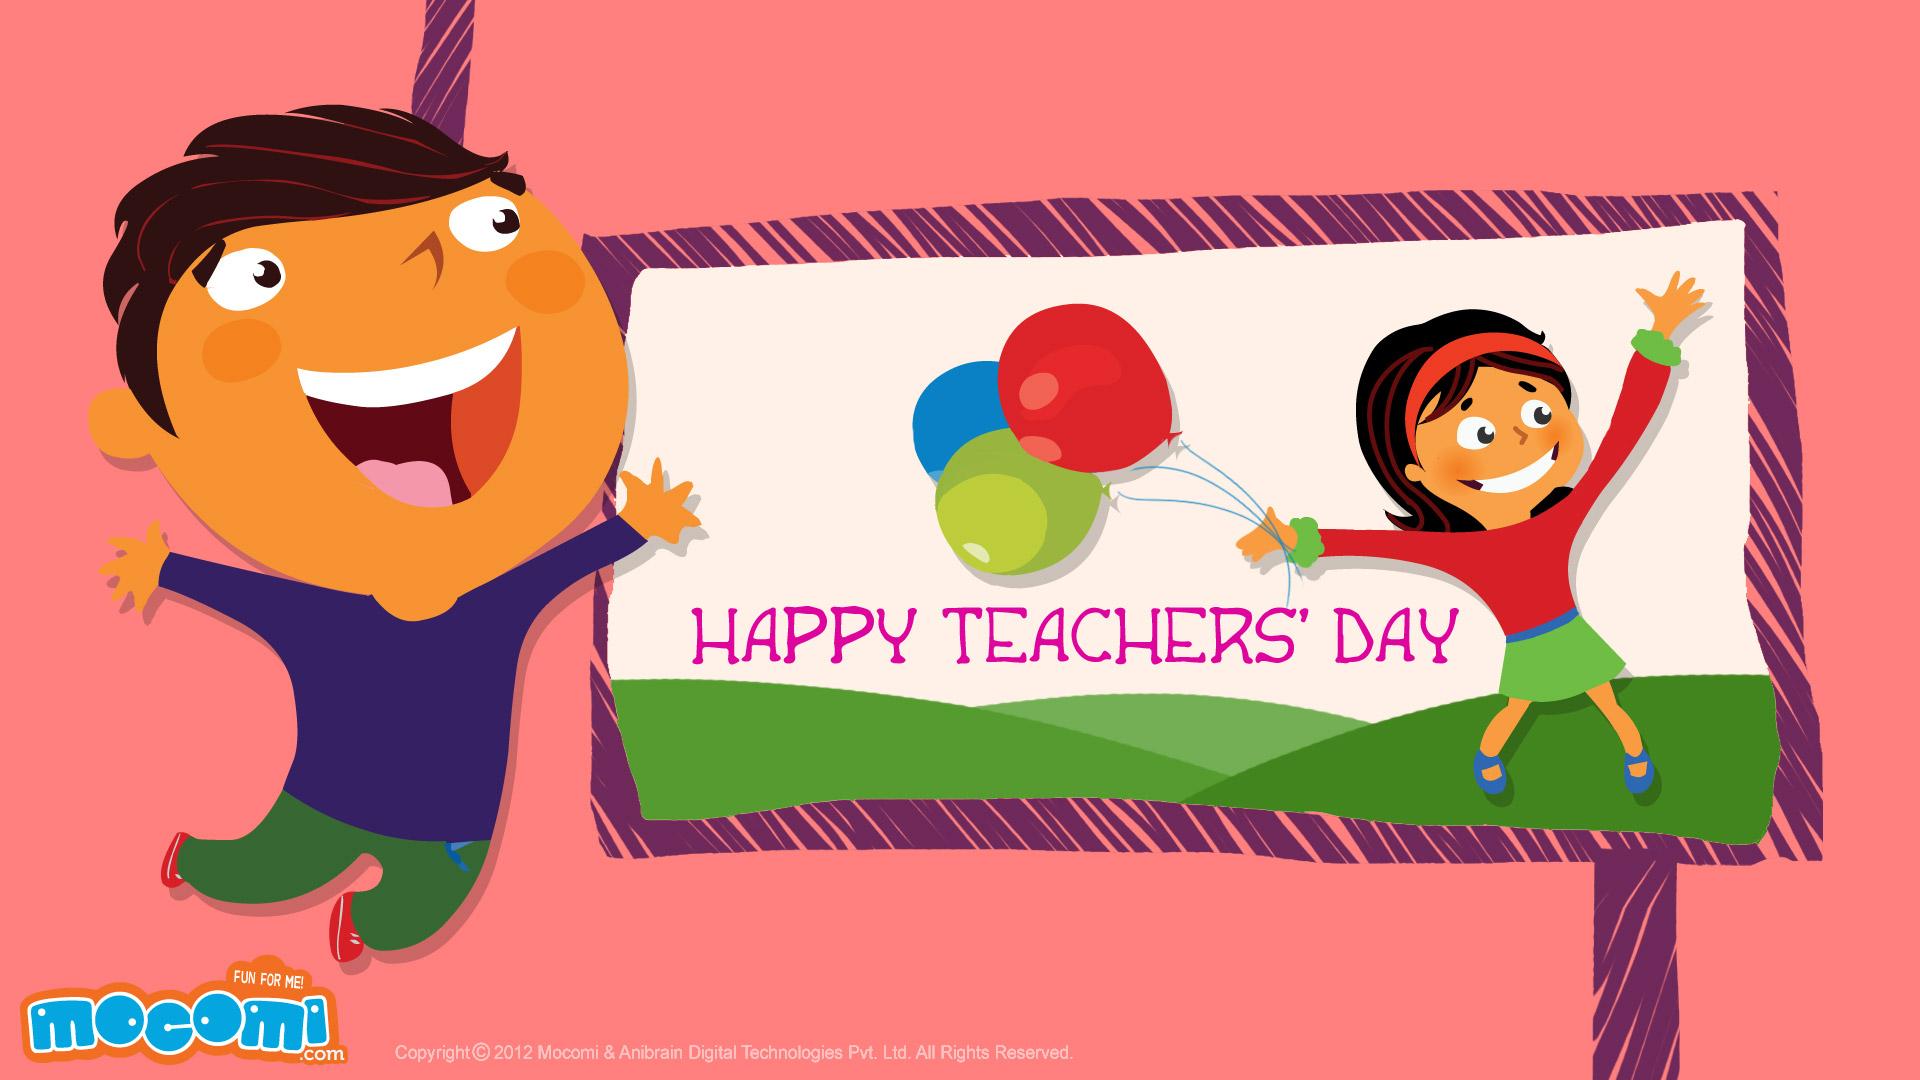 Happy Teachers' Day! 03